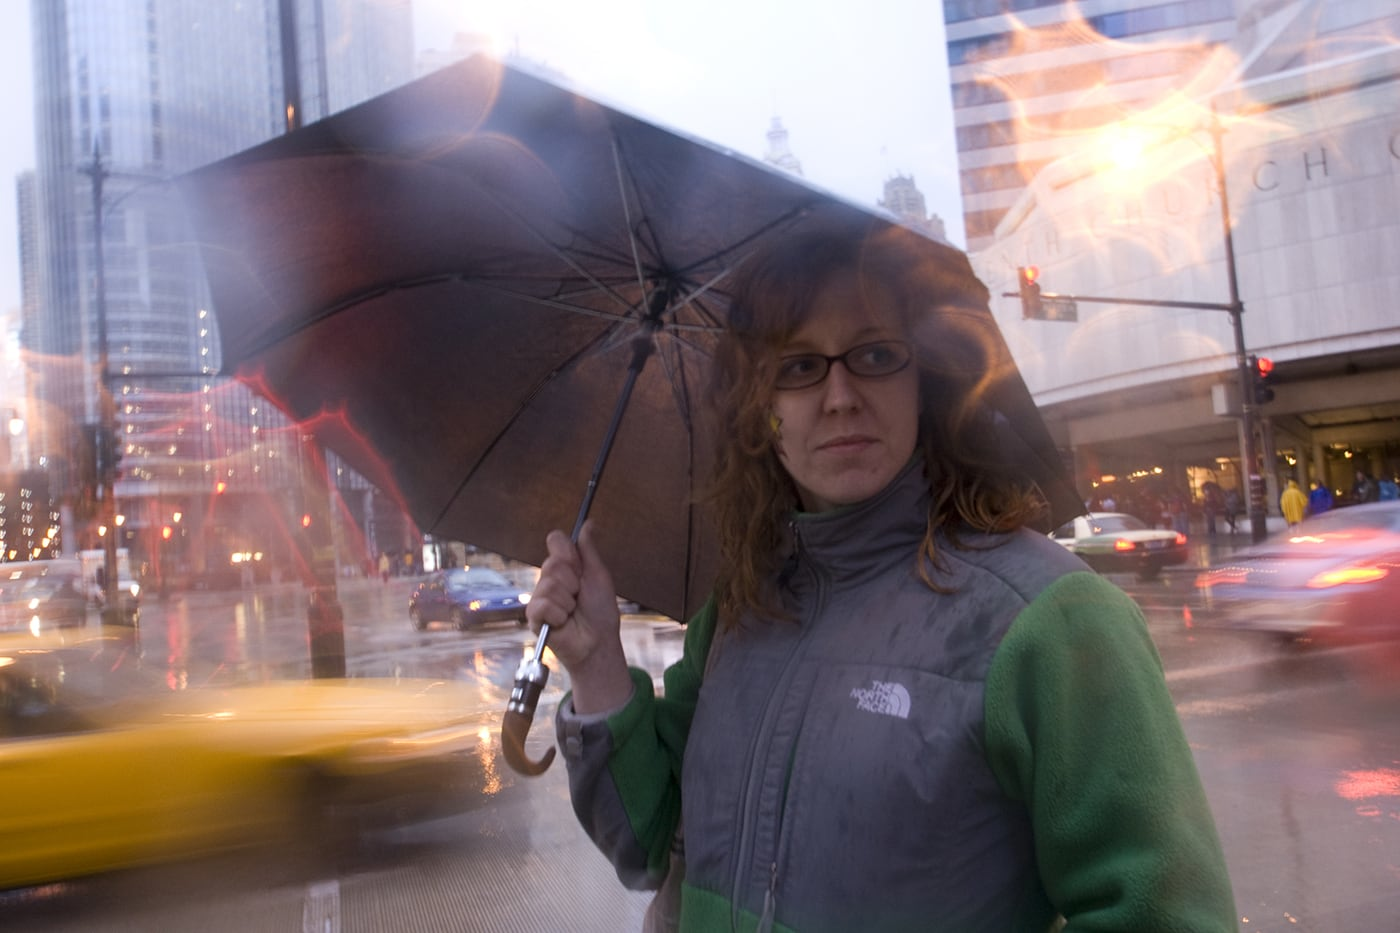 Raining at Looptopia in Chicago, Illinois.